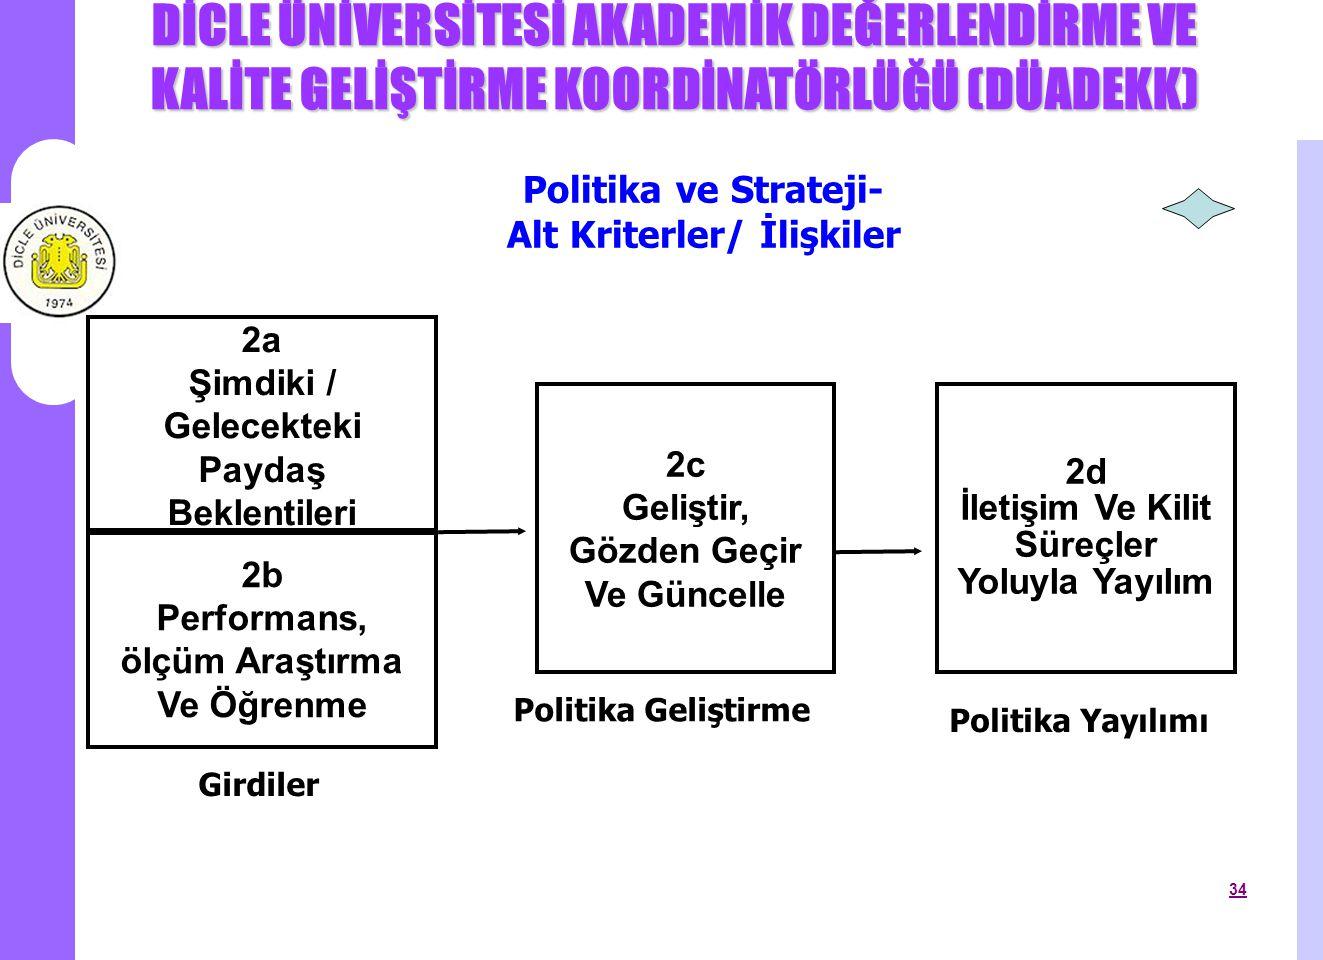 DİCLE ÜNİVERSİTESİ AKADEMİK DEĞERLENDİRME VE KALİTE GELİŞTİRME KOORDİNATÖRLÜĞÜ (DÜADEKK) 34 Politika ve Strateji- Alt Kriterler/ İlişkiler 2a Şimdiki